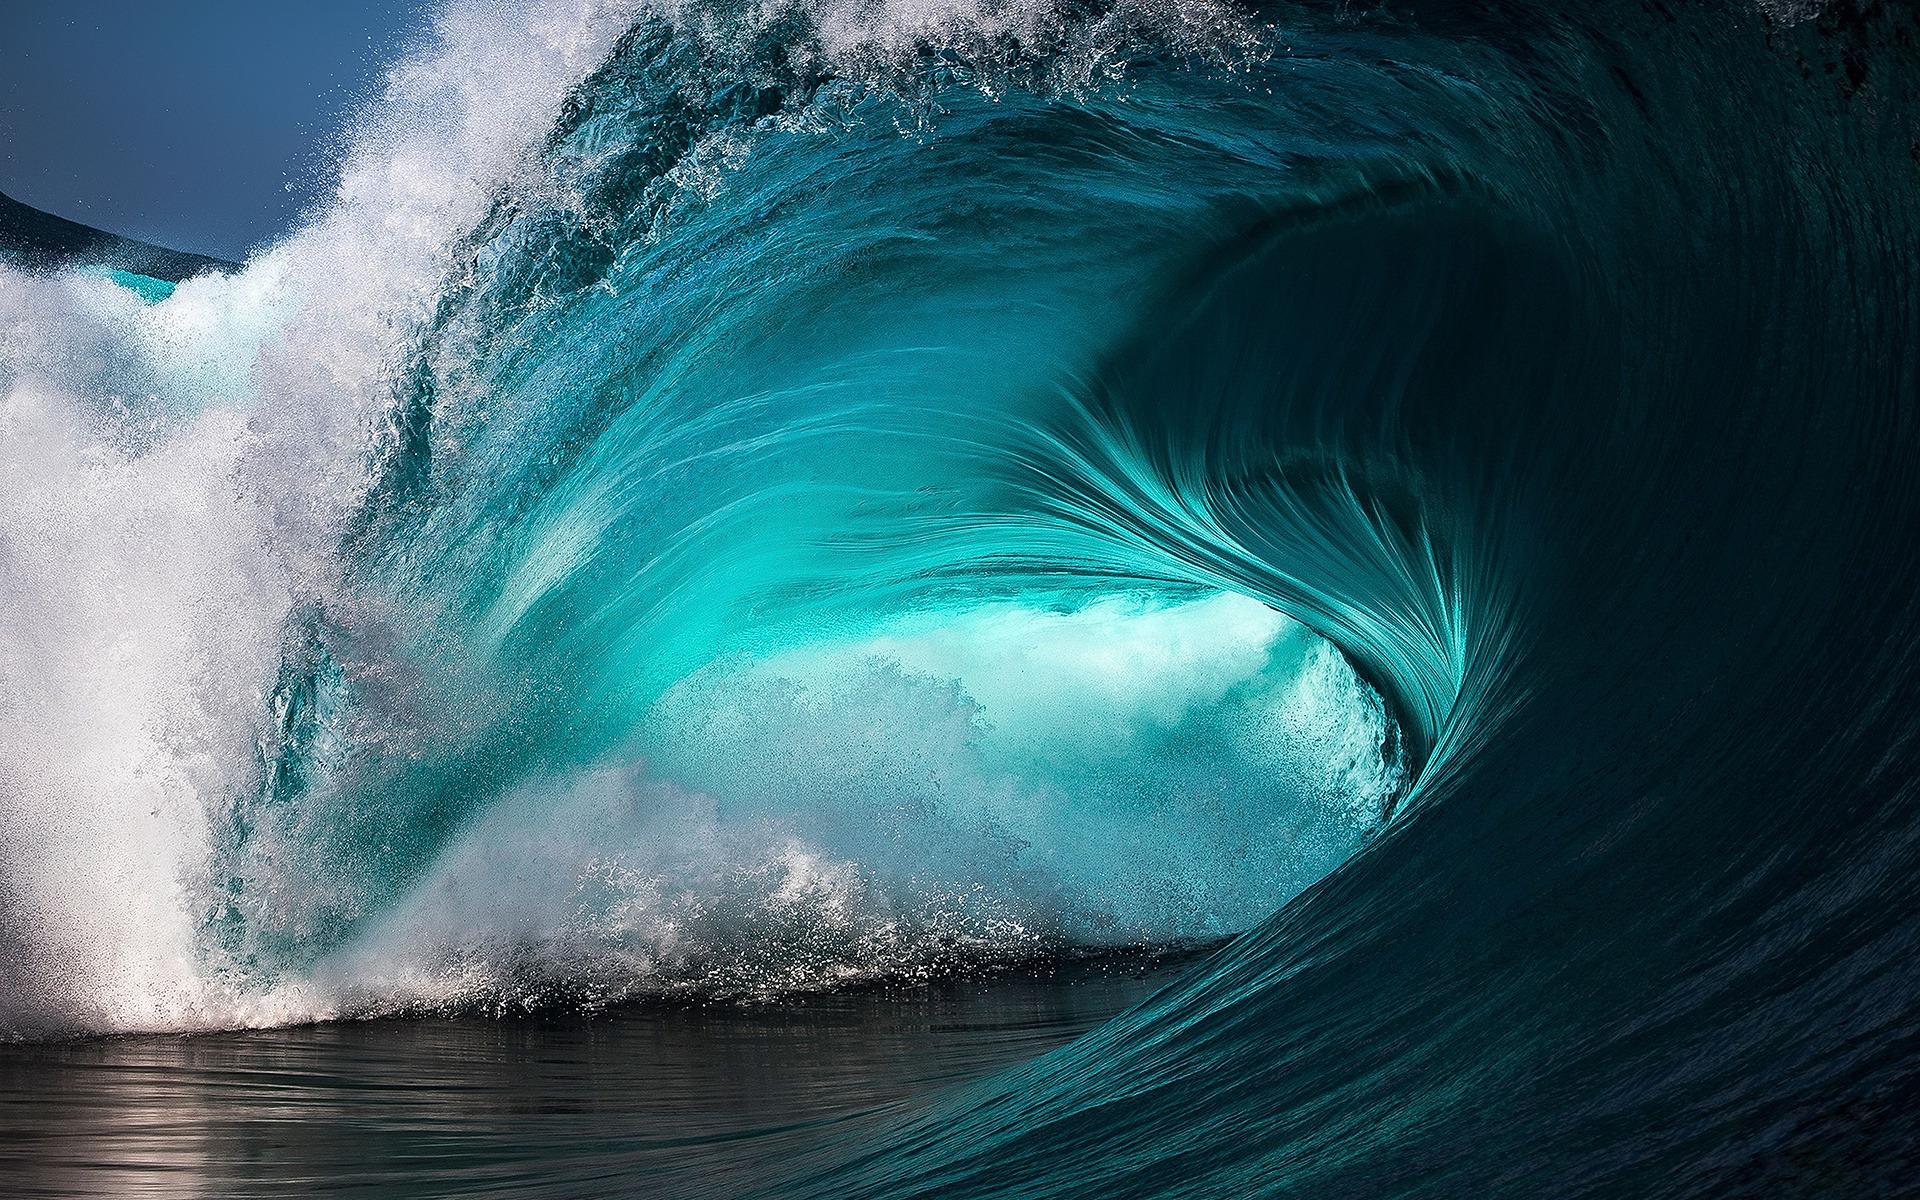 Море волны брызги  № 2203230 загрузить